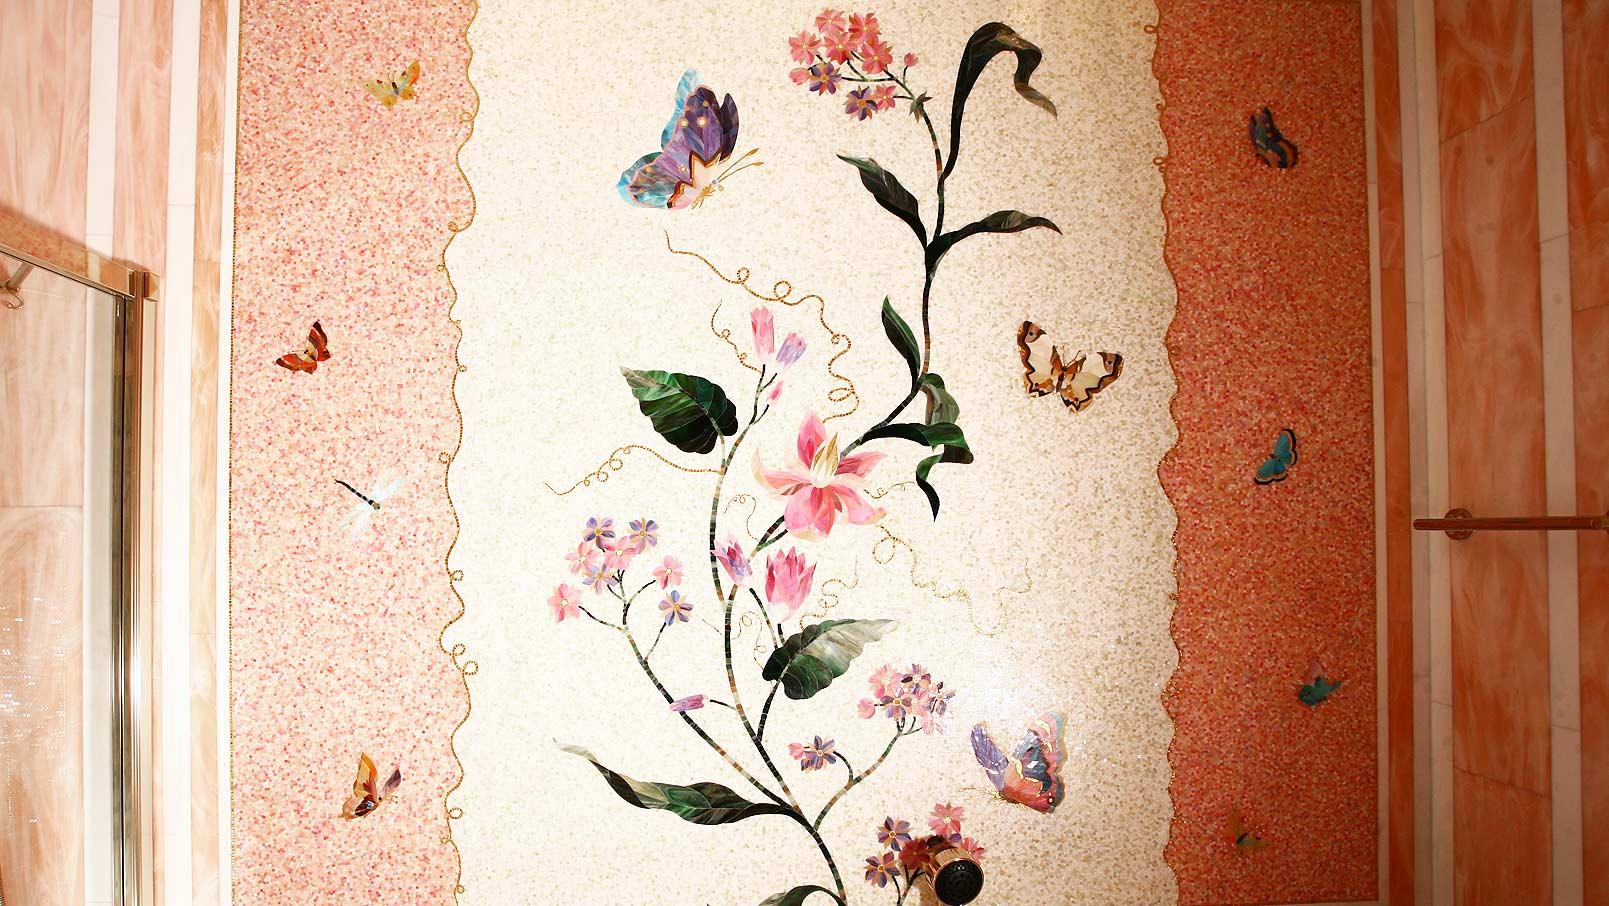 Картины из обоев на стенах своими руками